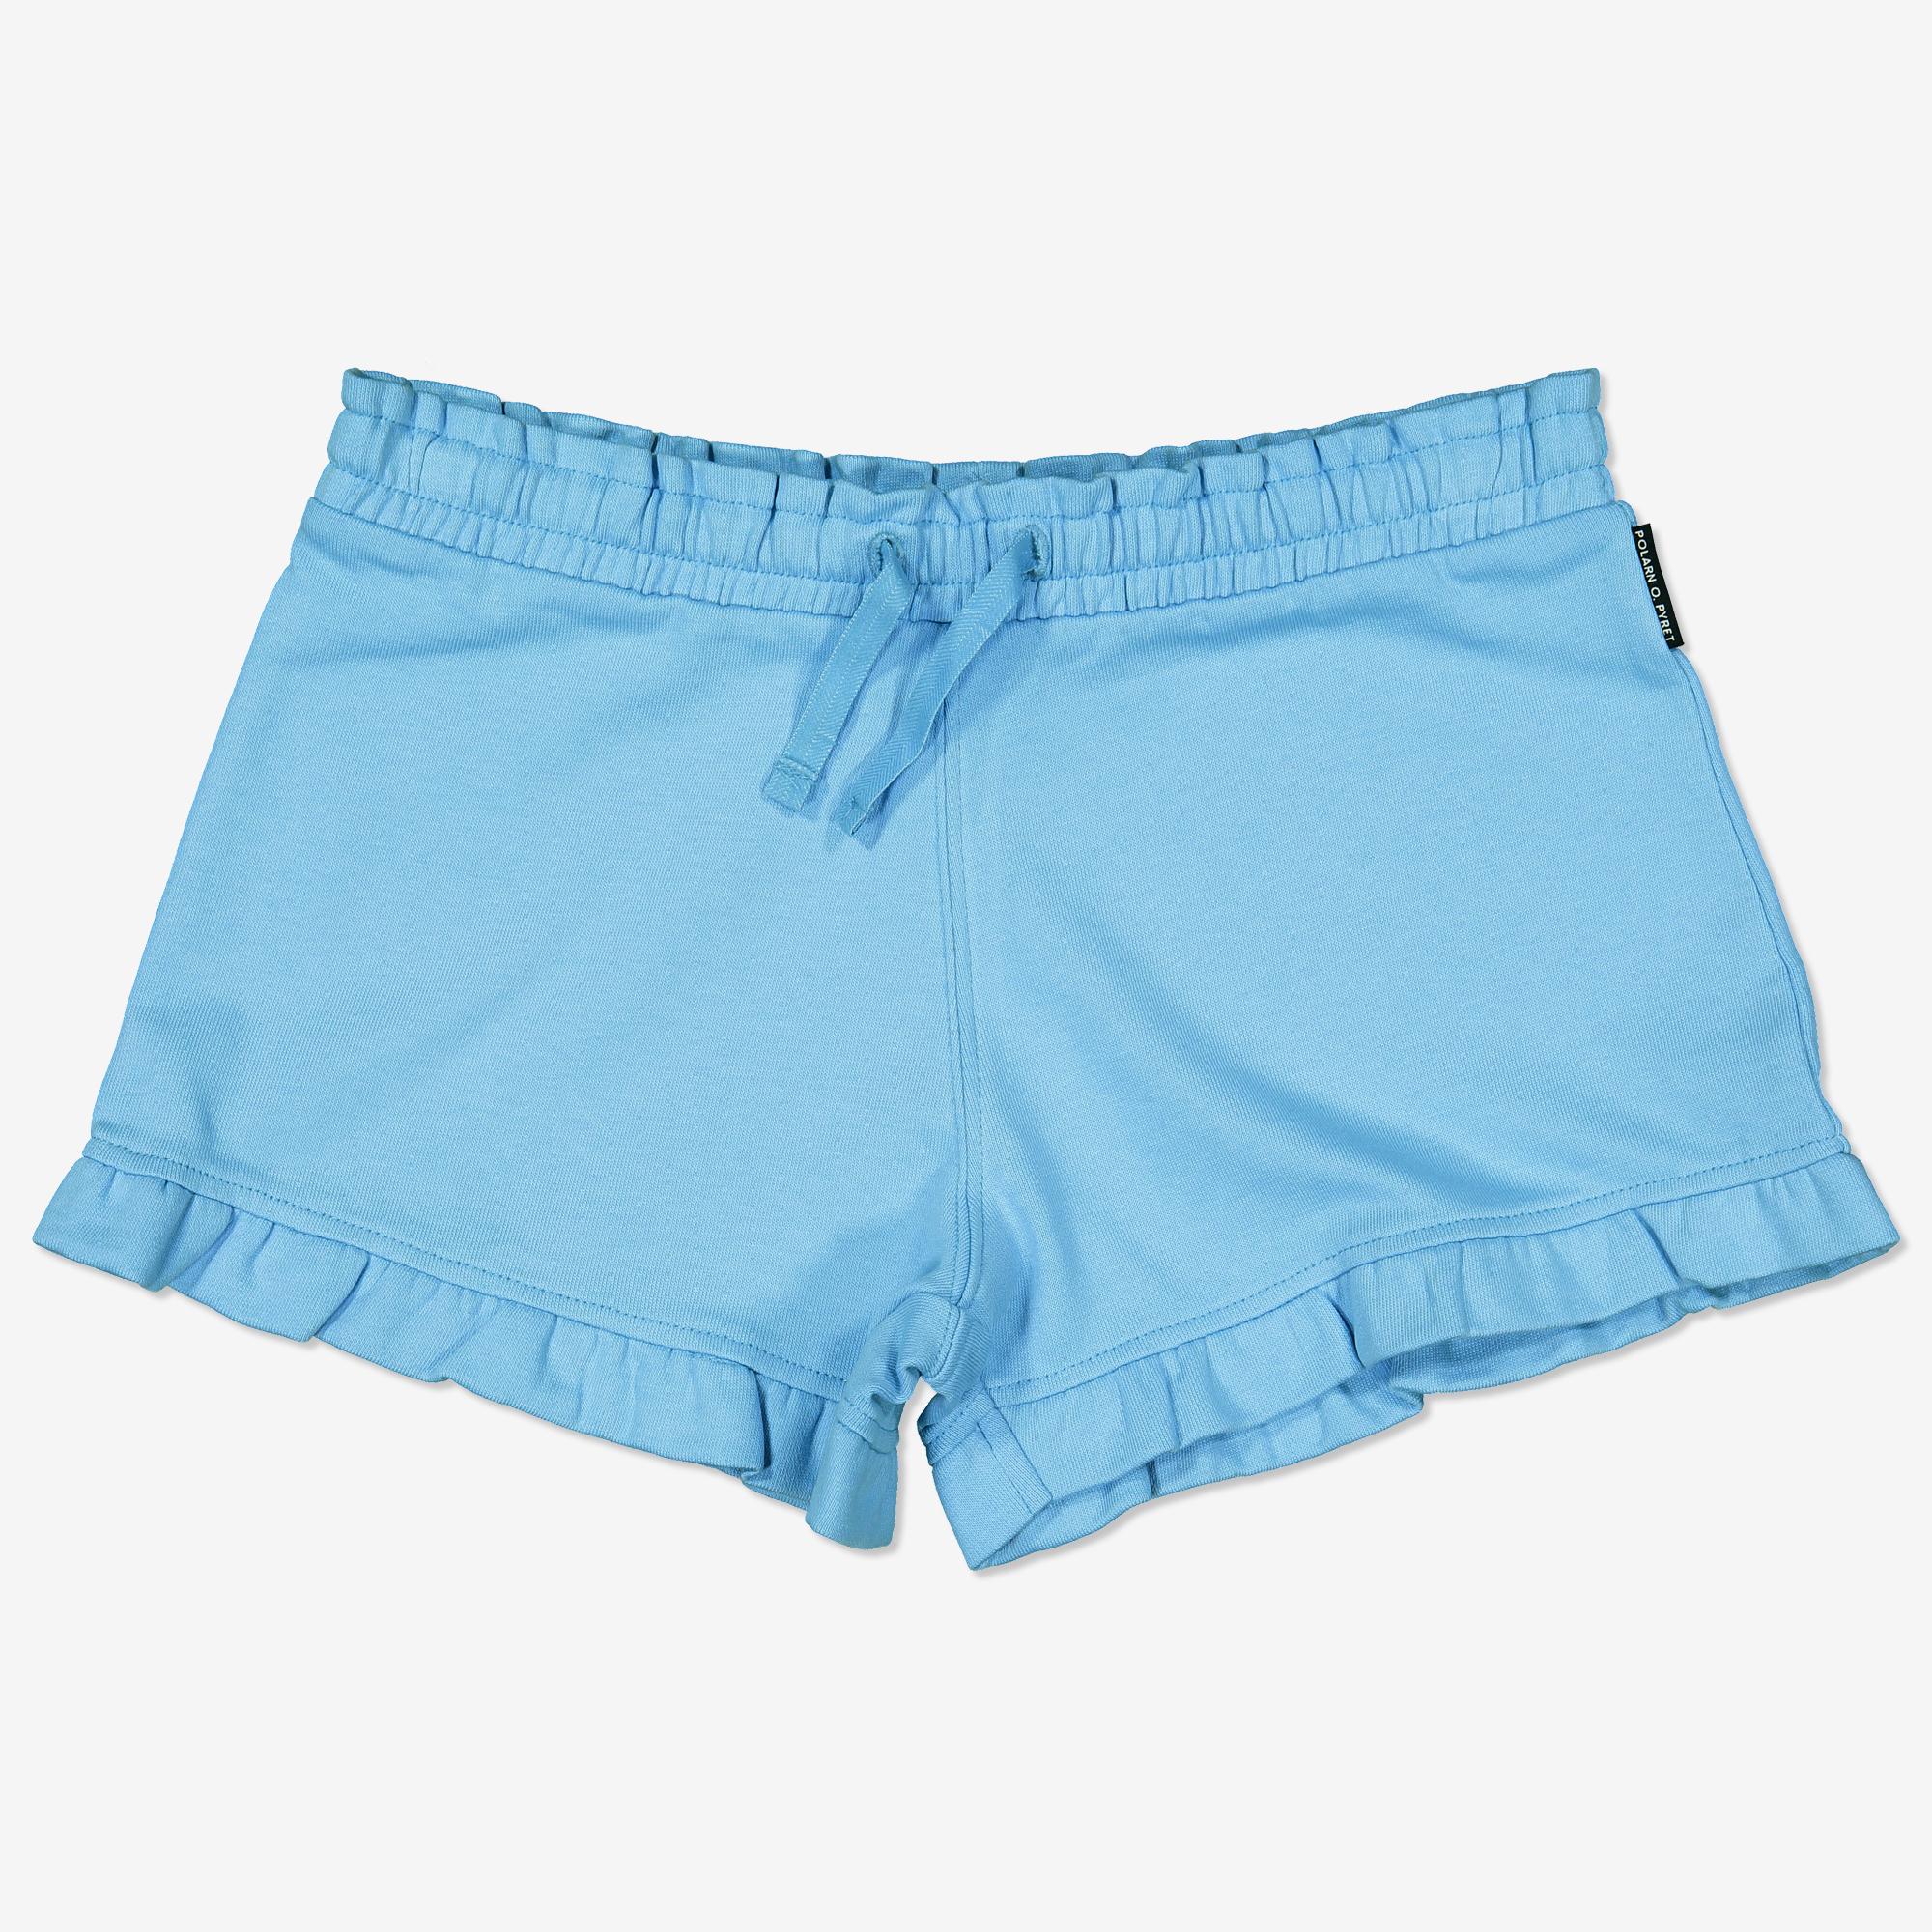 60045c62 Shorts för barn | Kläder underlättar vardagen | Polarnopyret.se